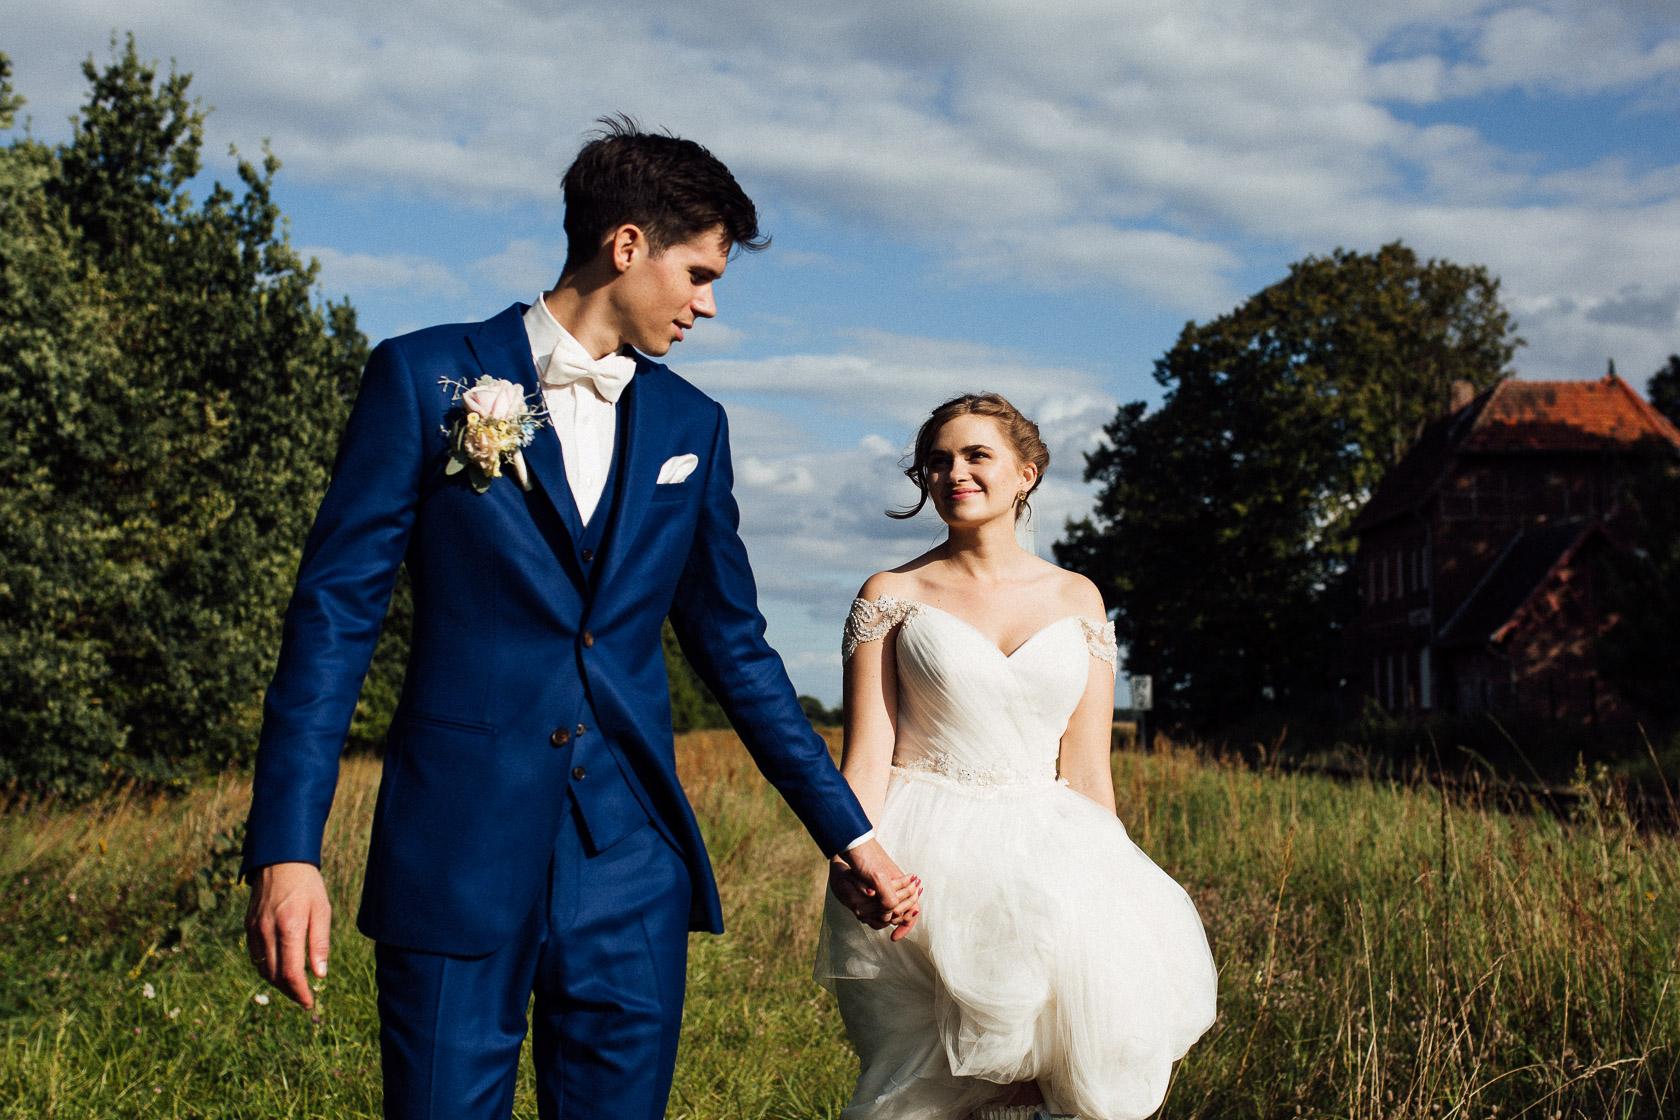 Bräutigam in blauem Anzug führt eine glückliche Braut an der Hand durch ein Weizenfeld